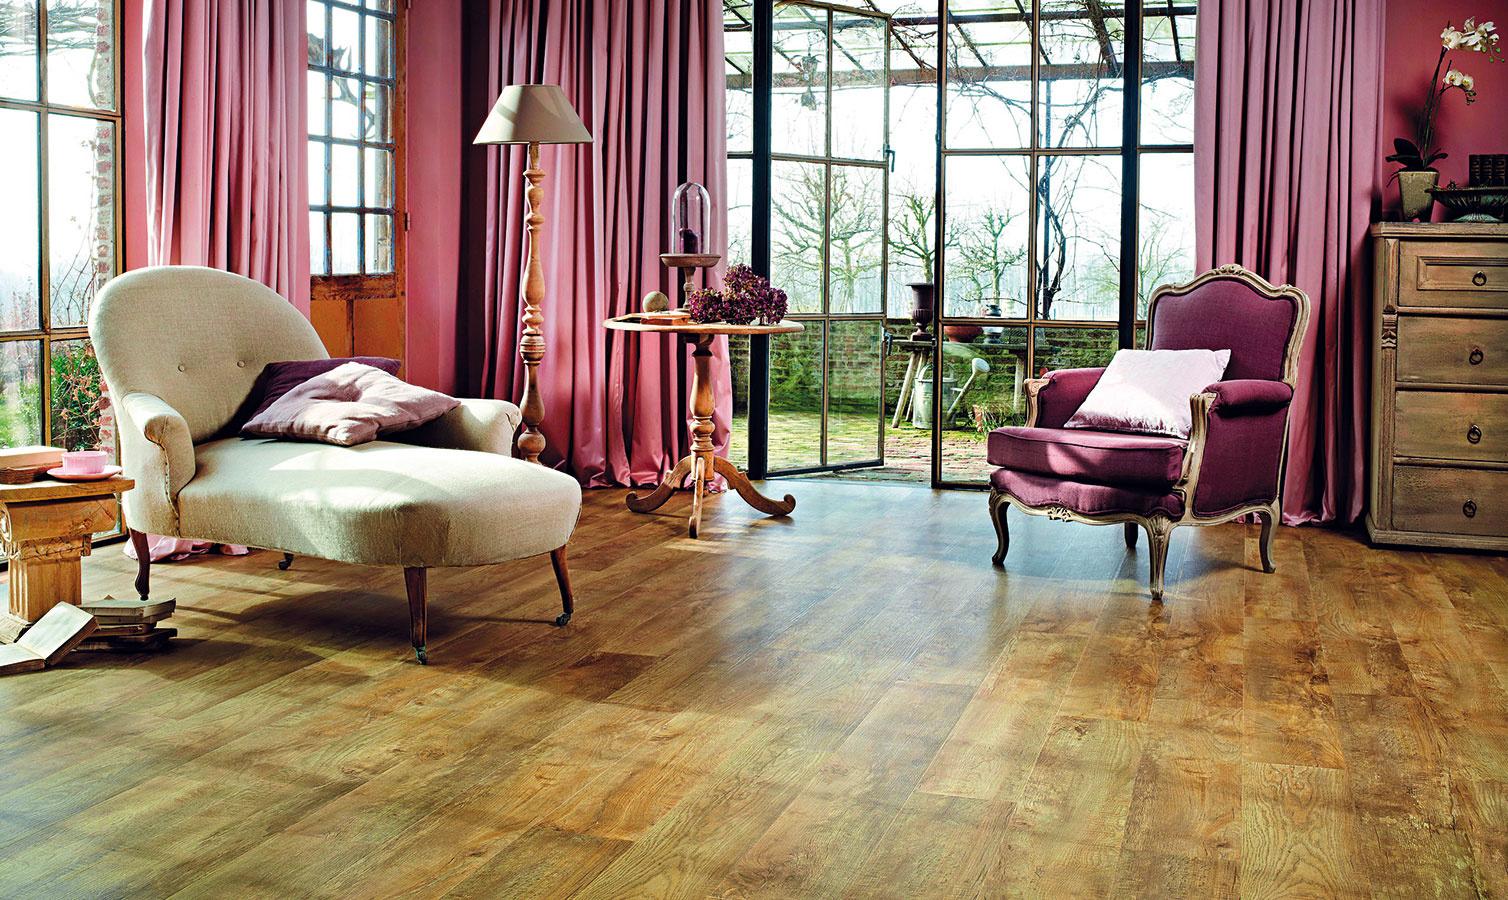 Kolekcia Moduleo Select ponúka veľmi odolnú vinylovú podlahu s PUR povrchom a možnosťou výberu z rôznych vzorov dreva aj dlažby. Vzor je autentický a neopakuje sa, prirodzený dojem podporuje aj reliéfny povrch, ktorý verne imituje štruktúru dreva  a kameňa. Lepené lamely 16,3 × 98,8 cm, hrúbka 2 mm, cena 17,49 €/m2. Lamely so zámkovým spojom 19,1 × 131,6 cm, hrúbka 4,5 mm, cena 29,99 €/m2. (www.breno.sk)